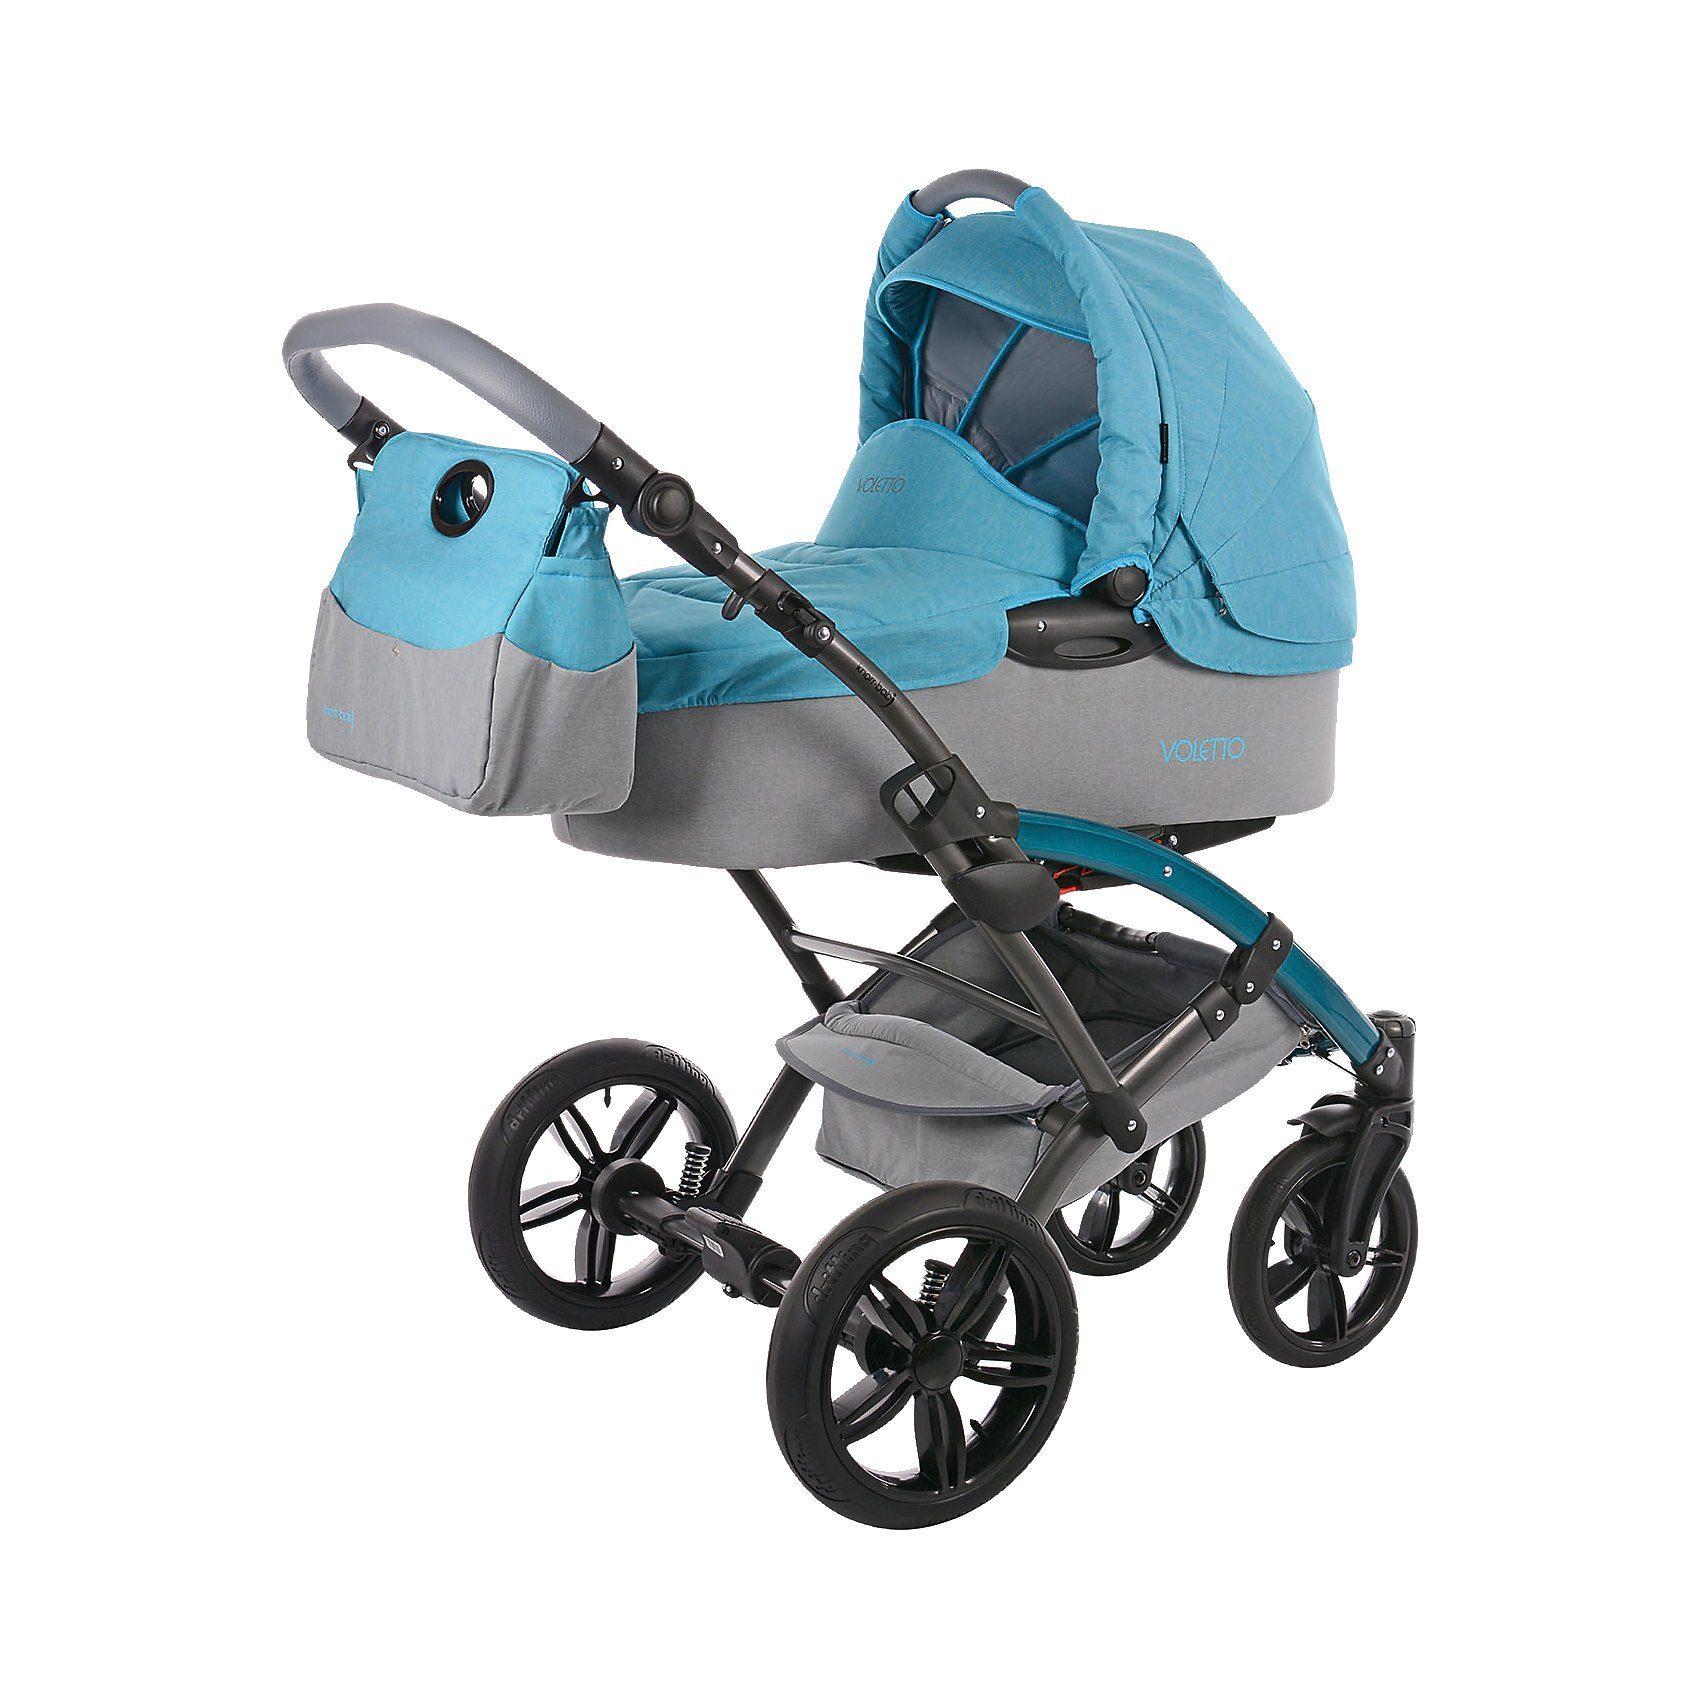 knorr-baby Kombi Kinderwagen Voletto Happy Colour mit Wickeltasche, bla